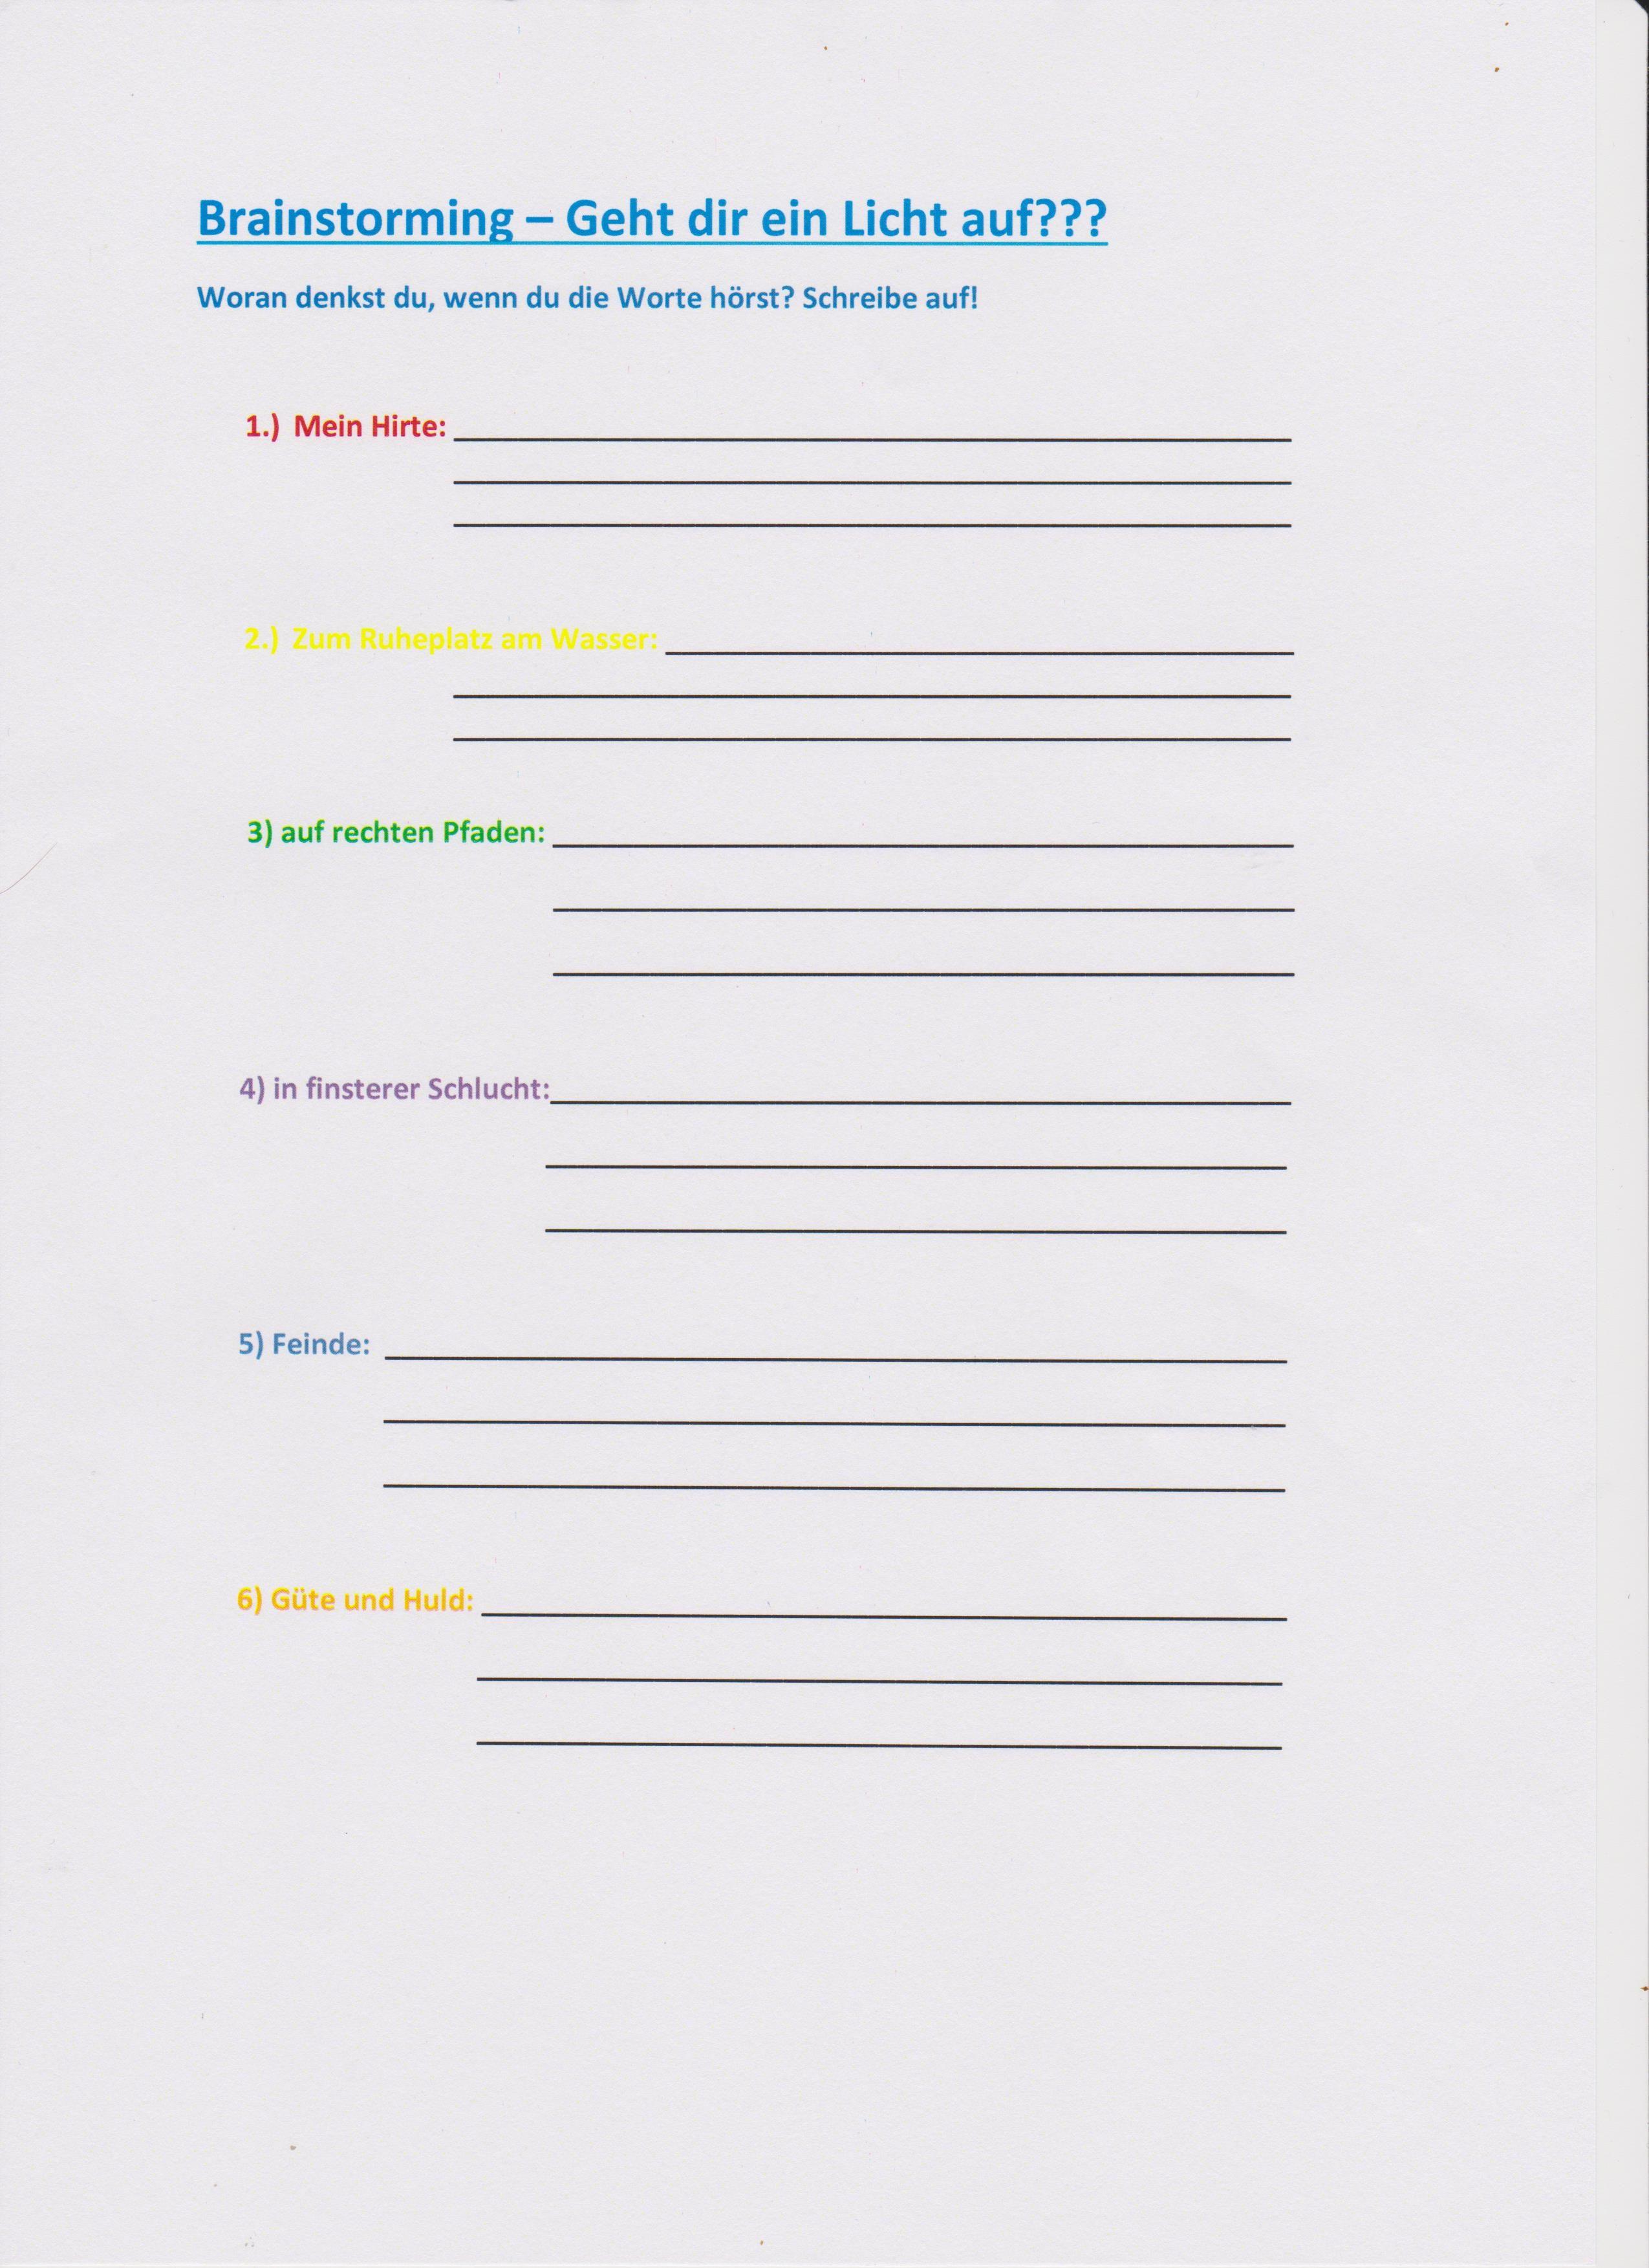 Outstanding Brainstorming Arbeitsblatt Crest - Kindergarten ...